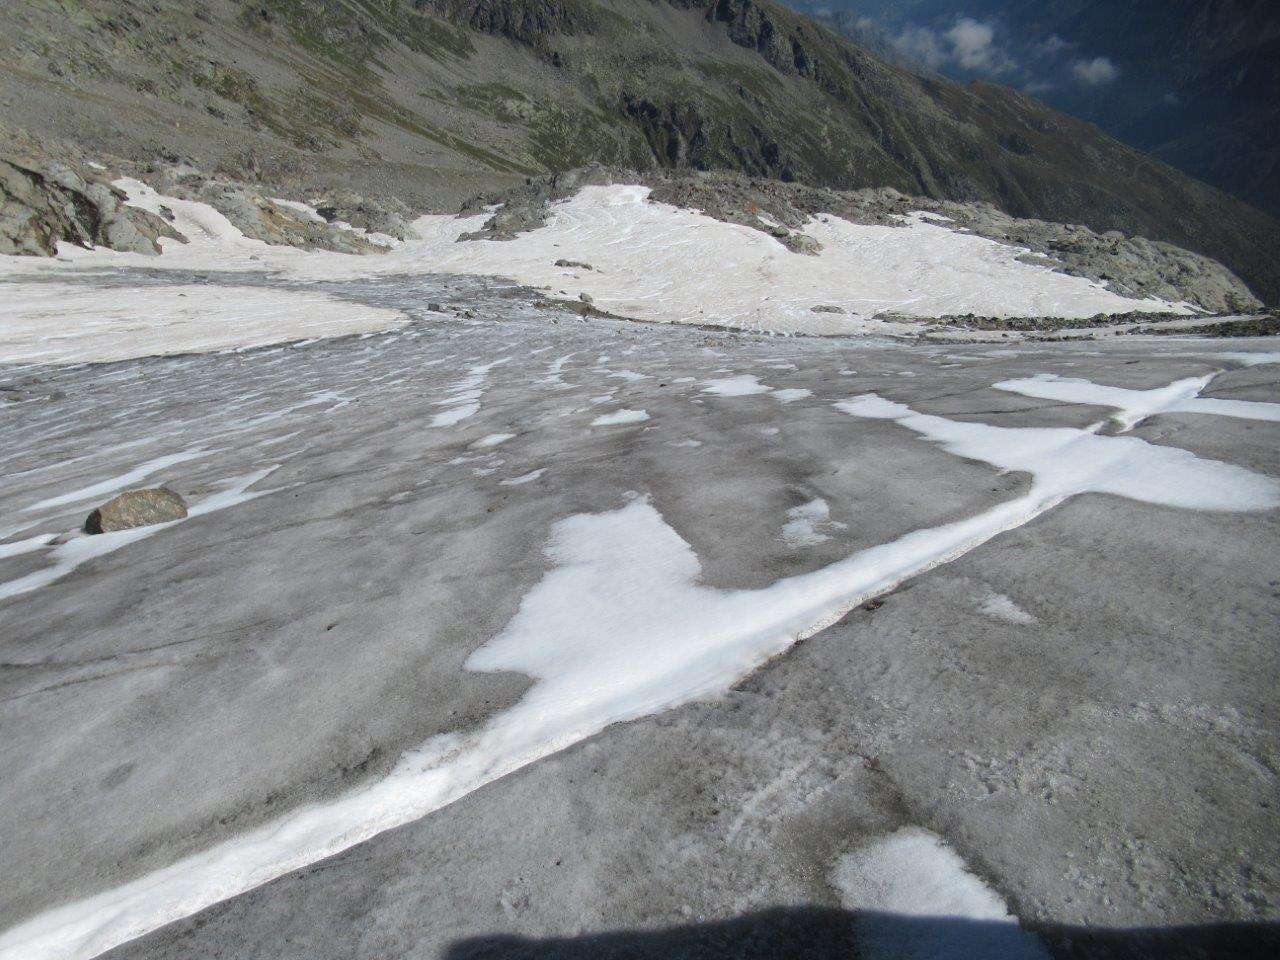 il ghiacciaio visto scendendo. Si nota nella parte bassa la terra che affiora.